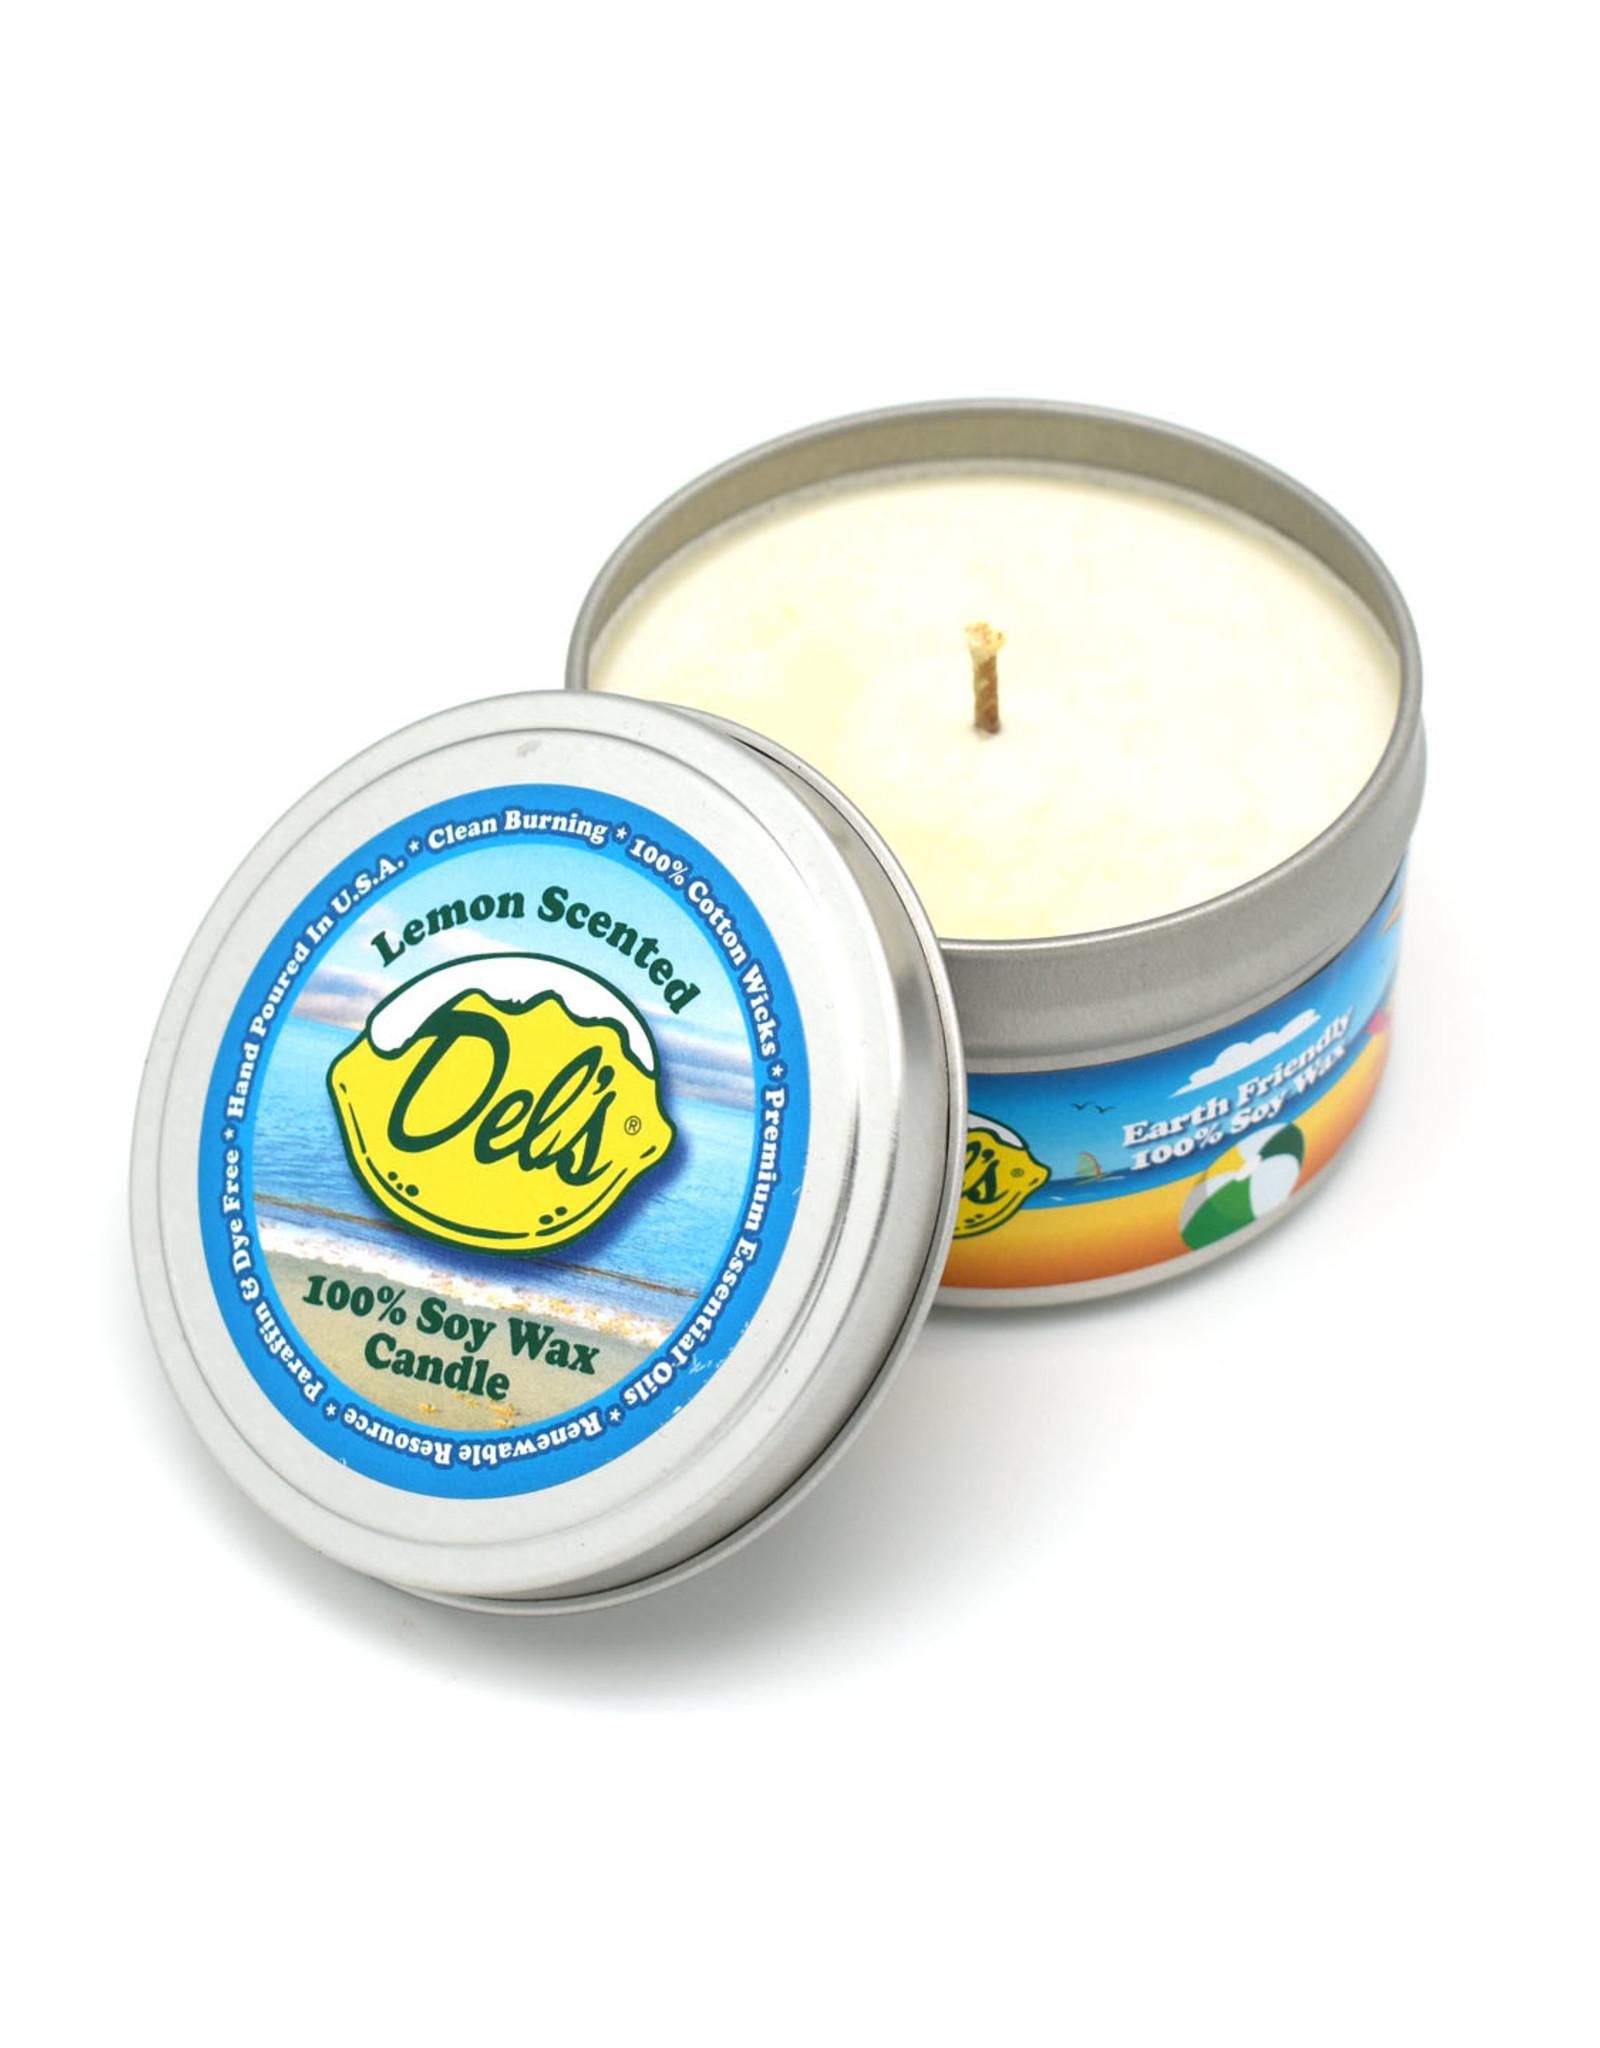 Del's Lemonade Candle - Lemon